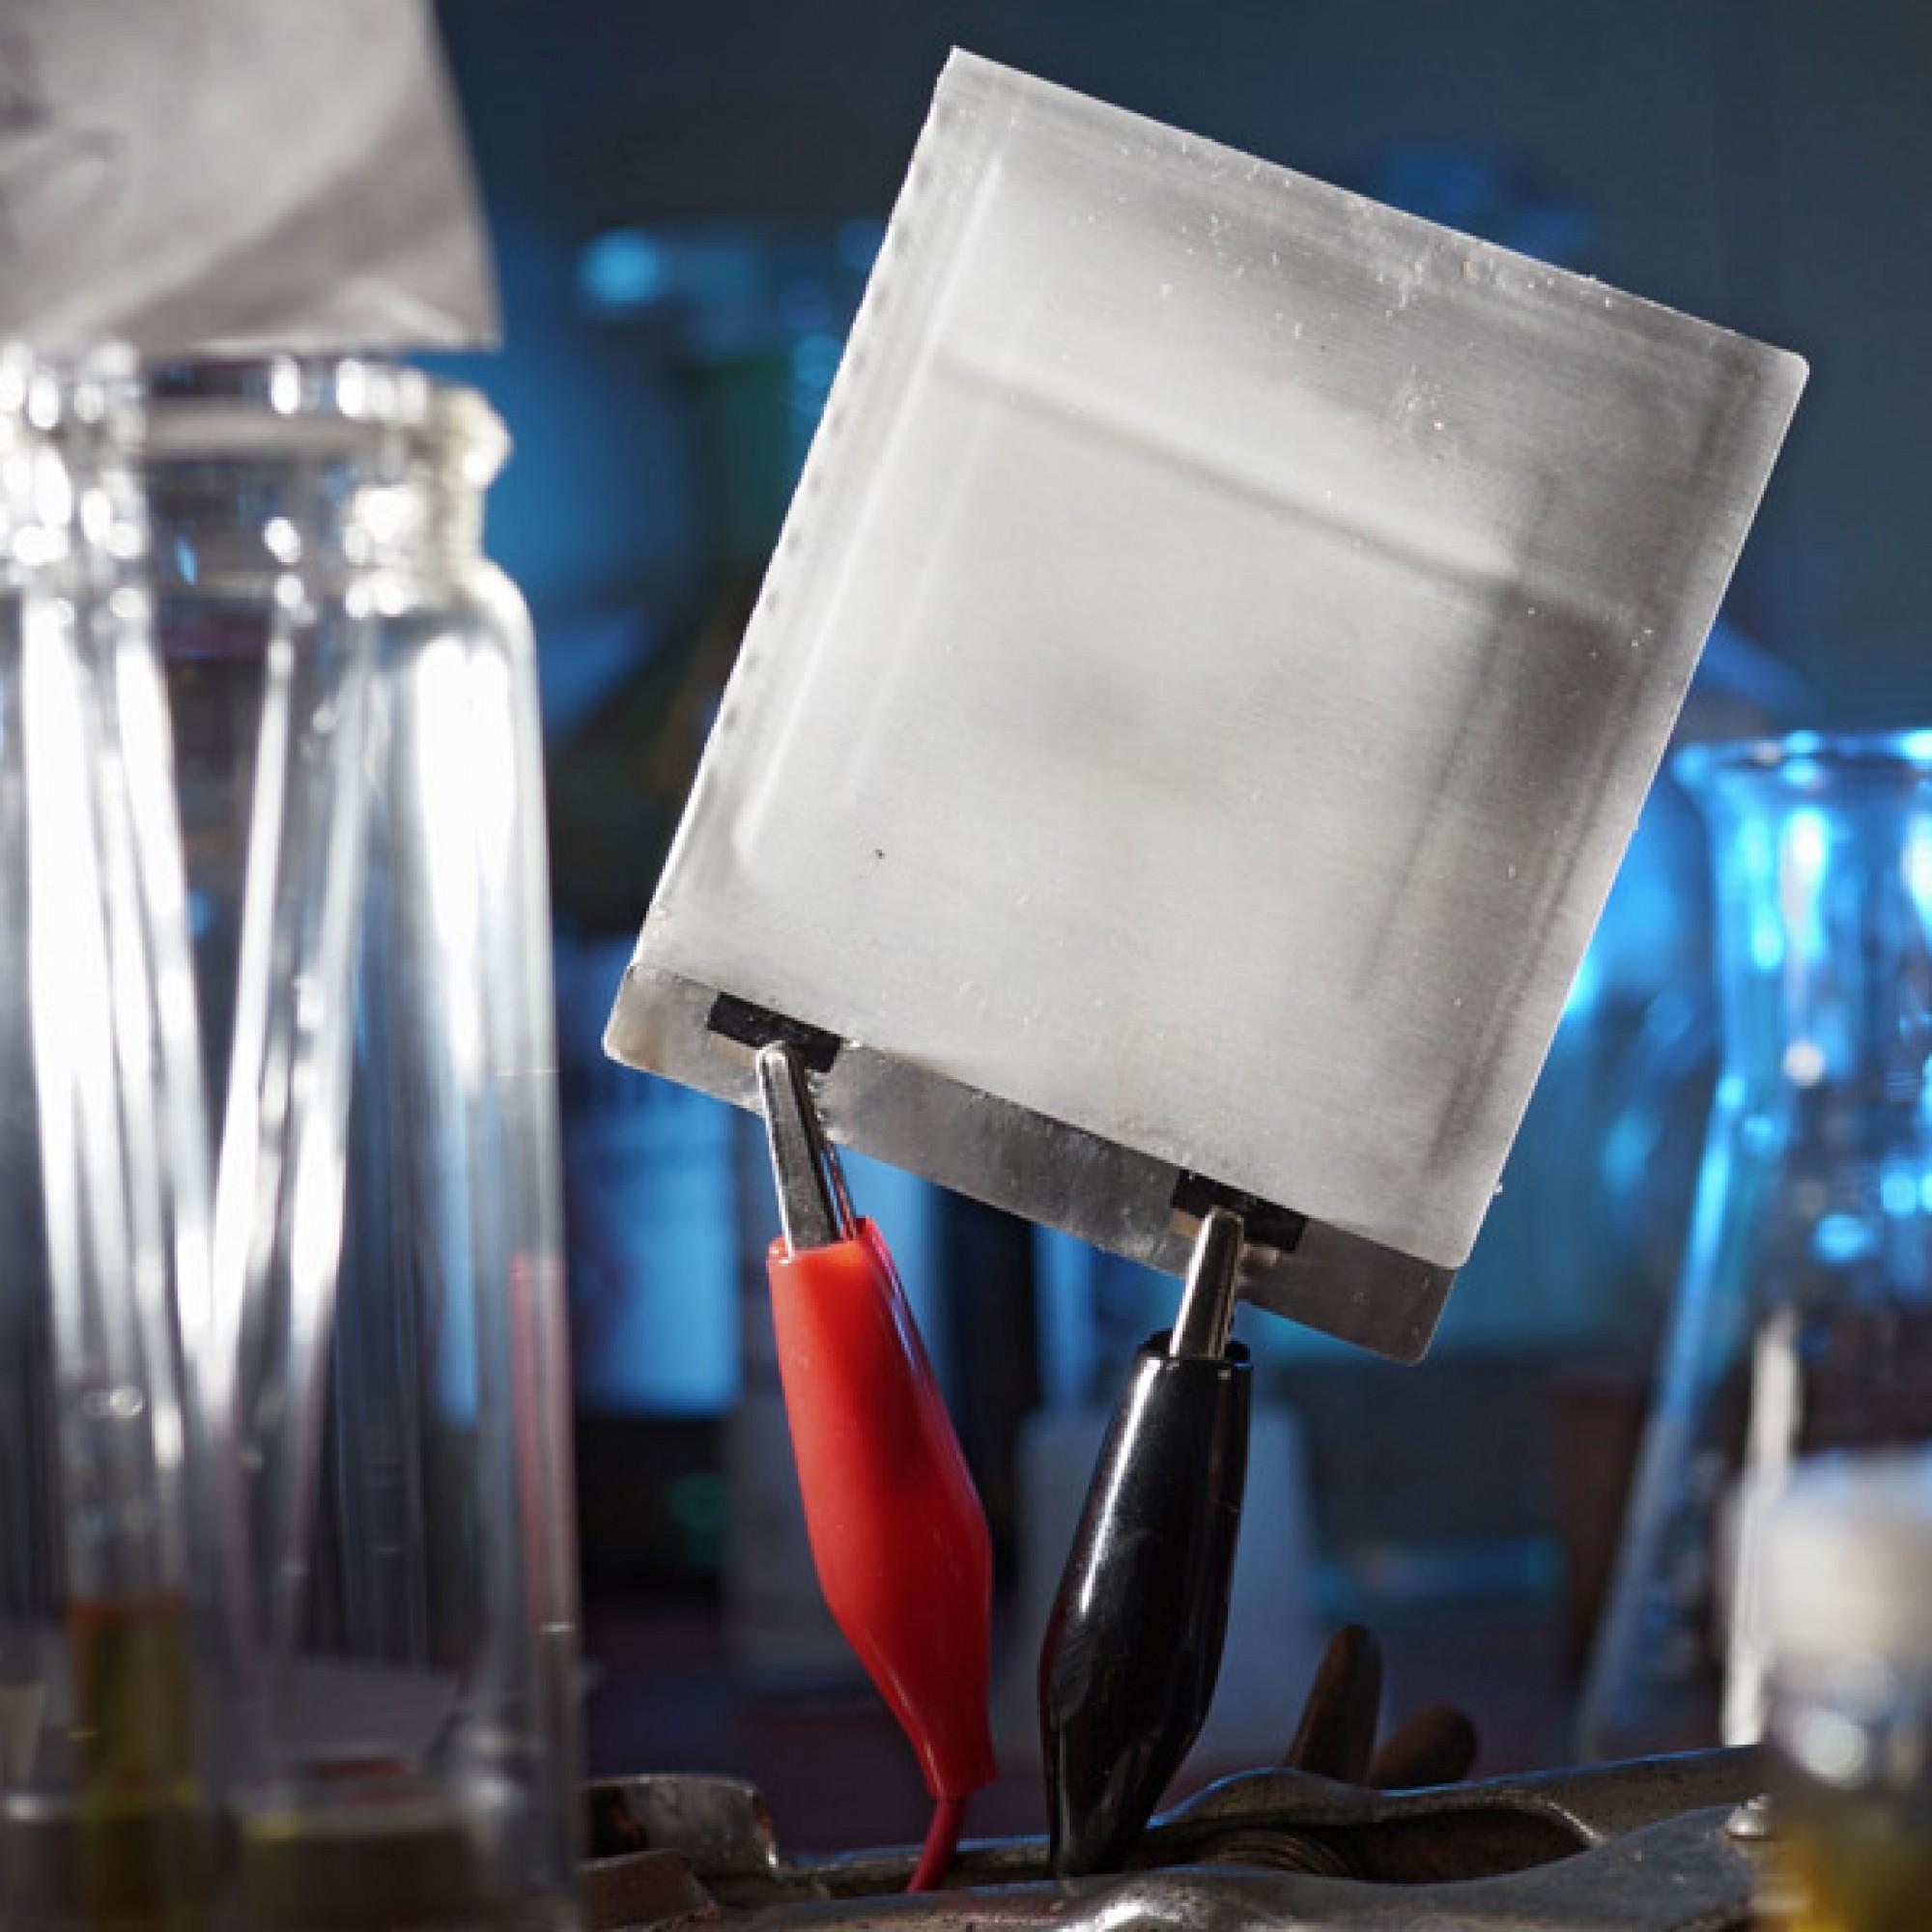 """Prototyp einer ultradünnen und extrem flexiblen Folien-Batterie. Energiespeicher auf der Basis von Polymeren stehen im Fokus der internationalen Konferenz """"Polymers and Energy"""" an der Uni Jena. (Jan-Peter Kasper/FSU)"""